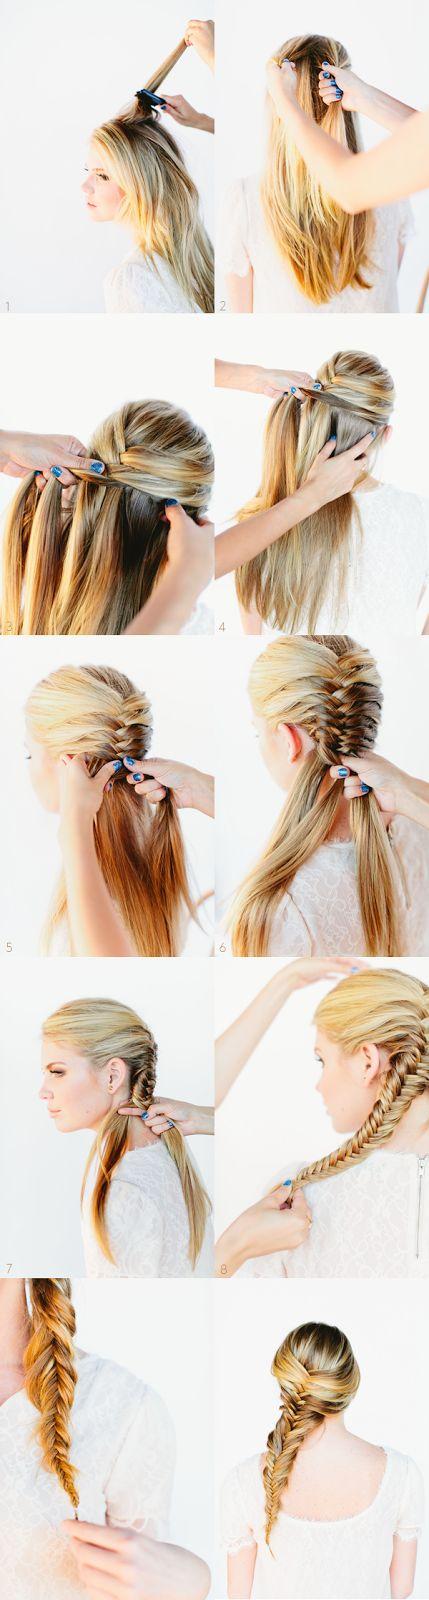 beach hairstyle3